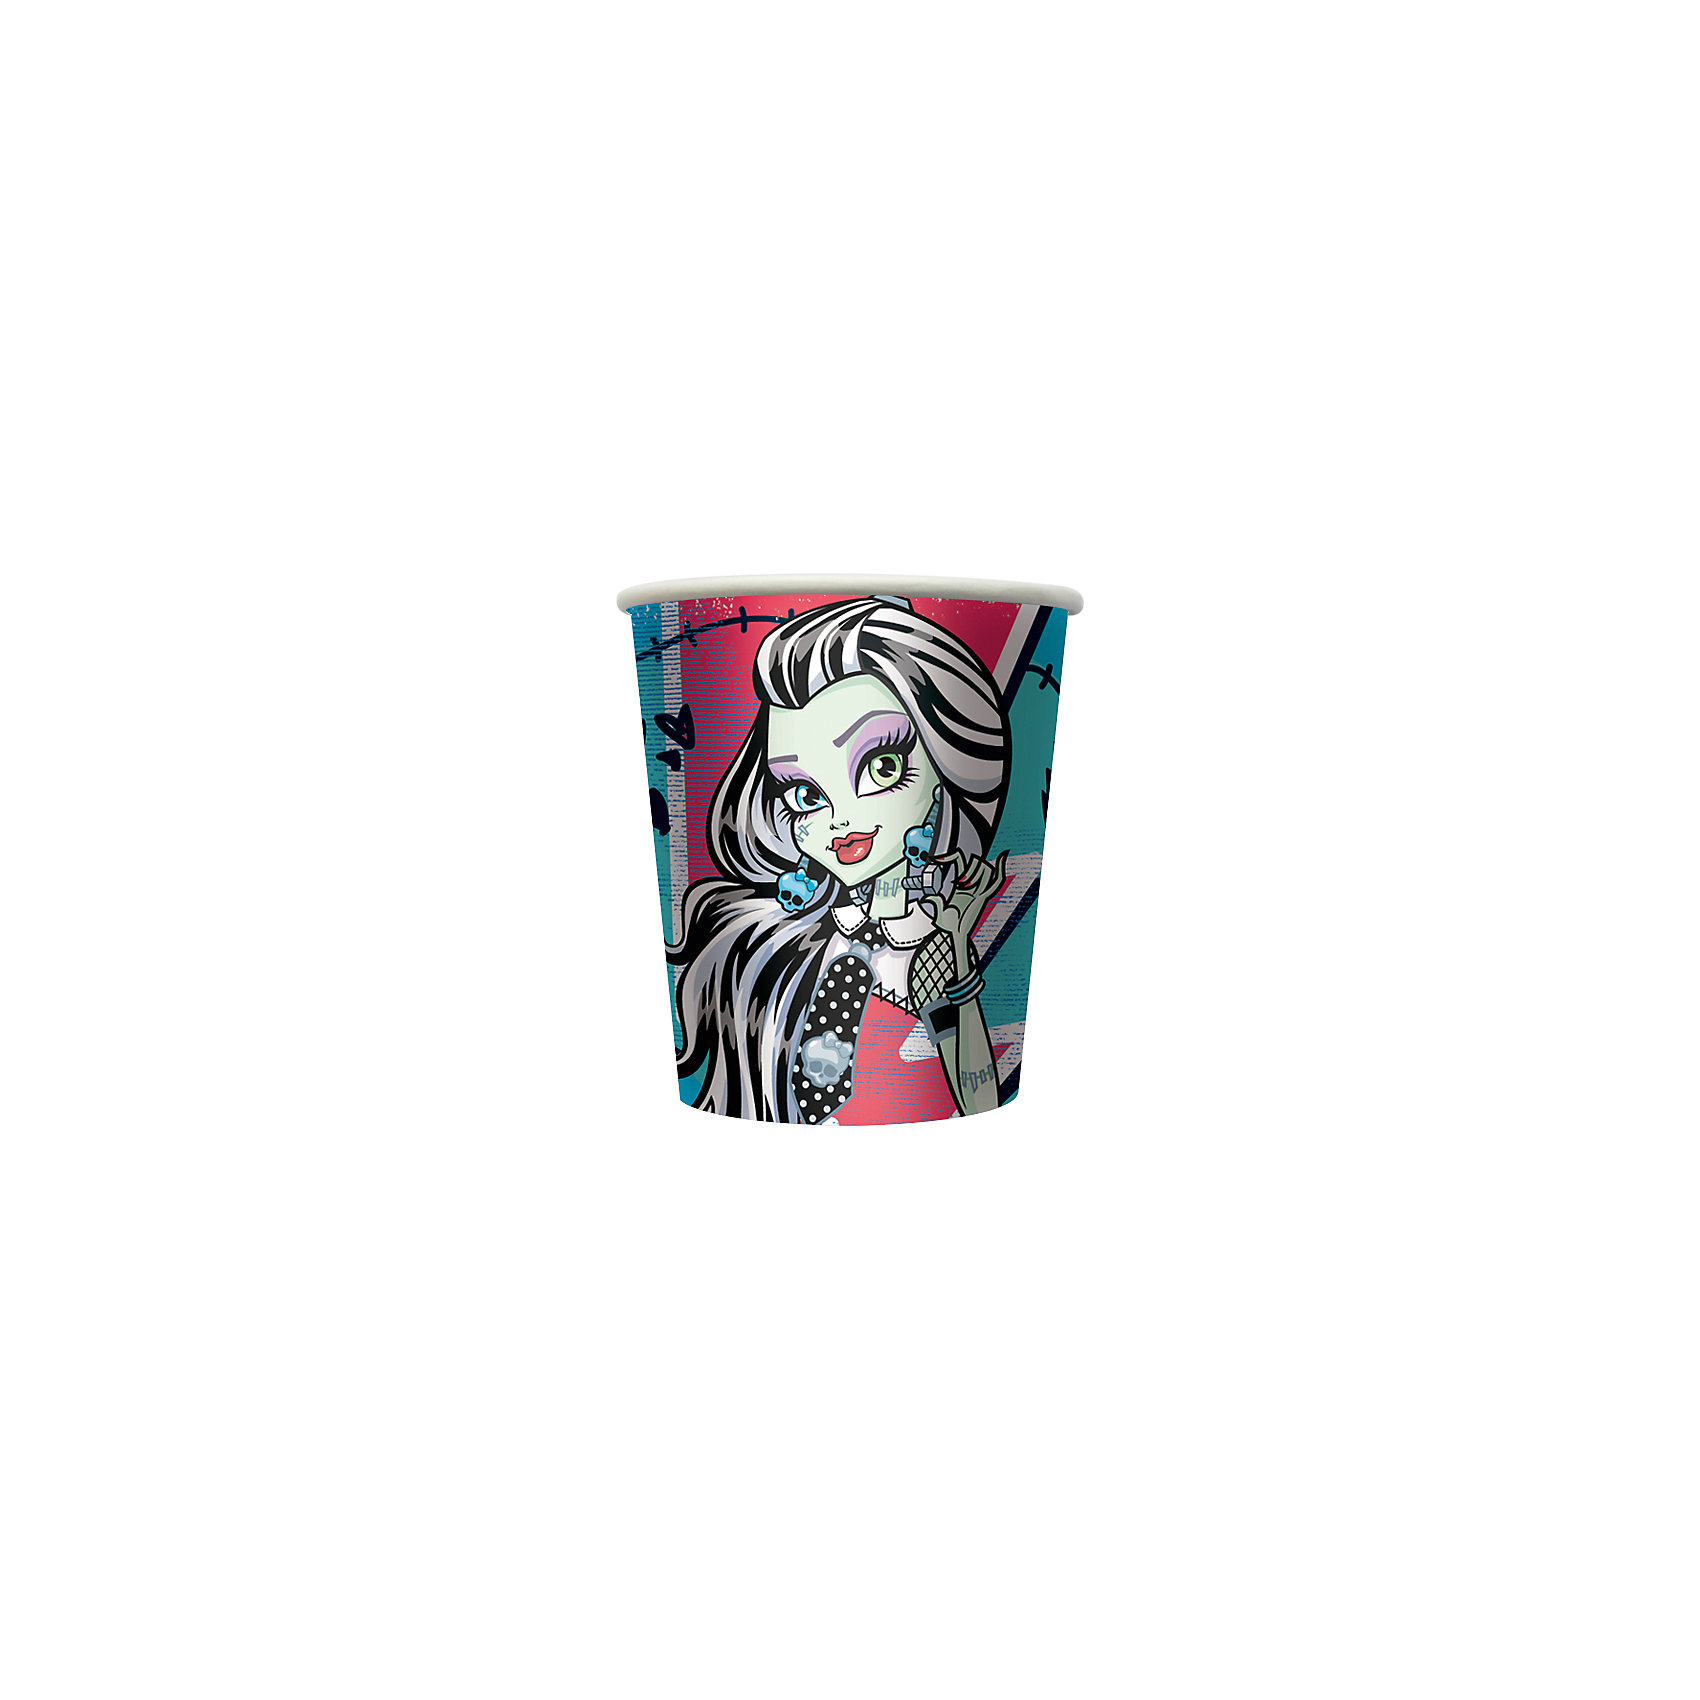 Росмэн Стакан бумажный Monster High (10 шт) росмэн наклейки 2 monster high